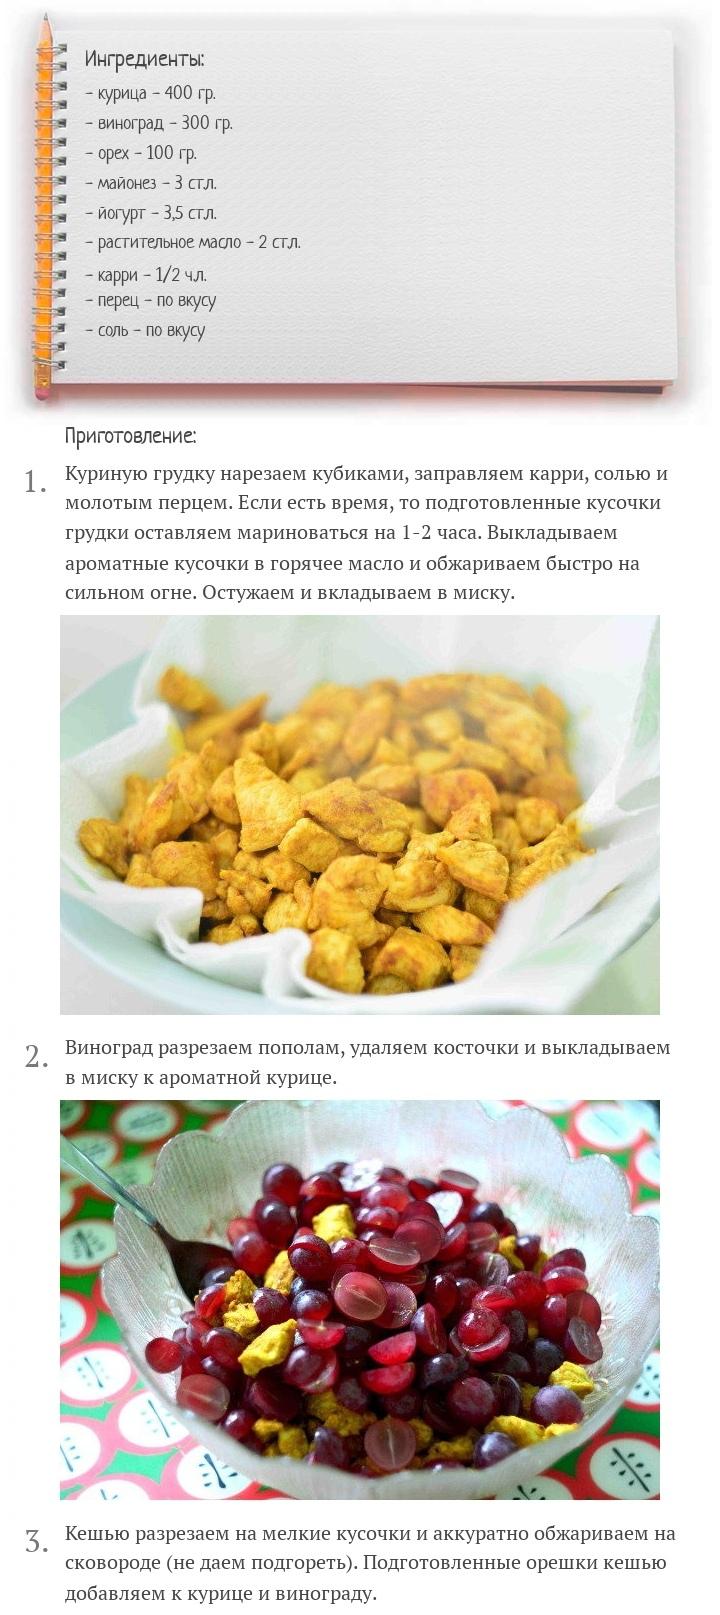 Куриный салат с виноградом и орехами кешью, изображение №2